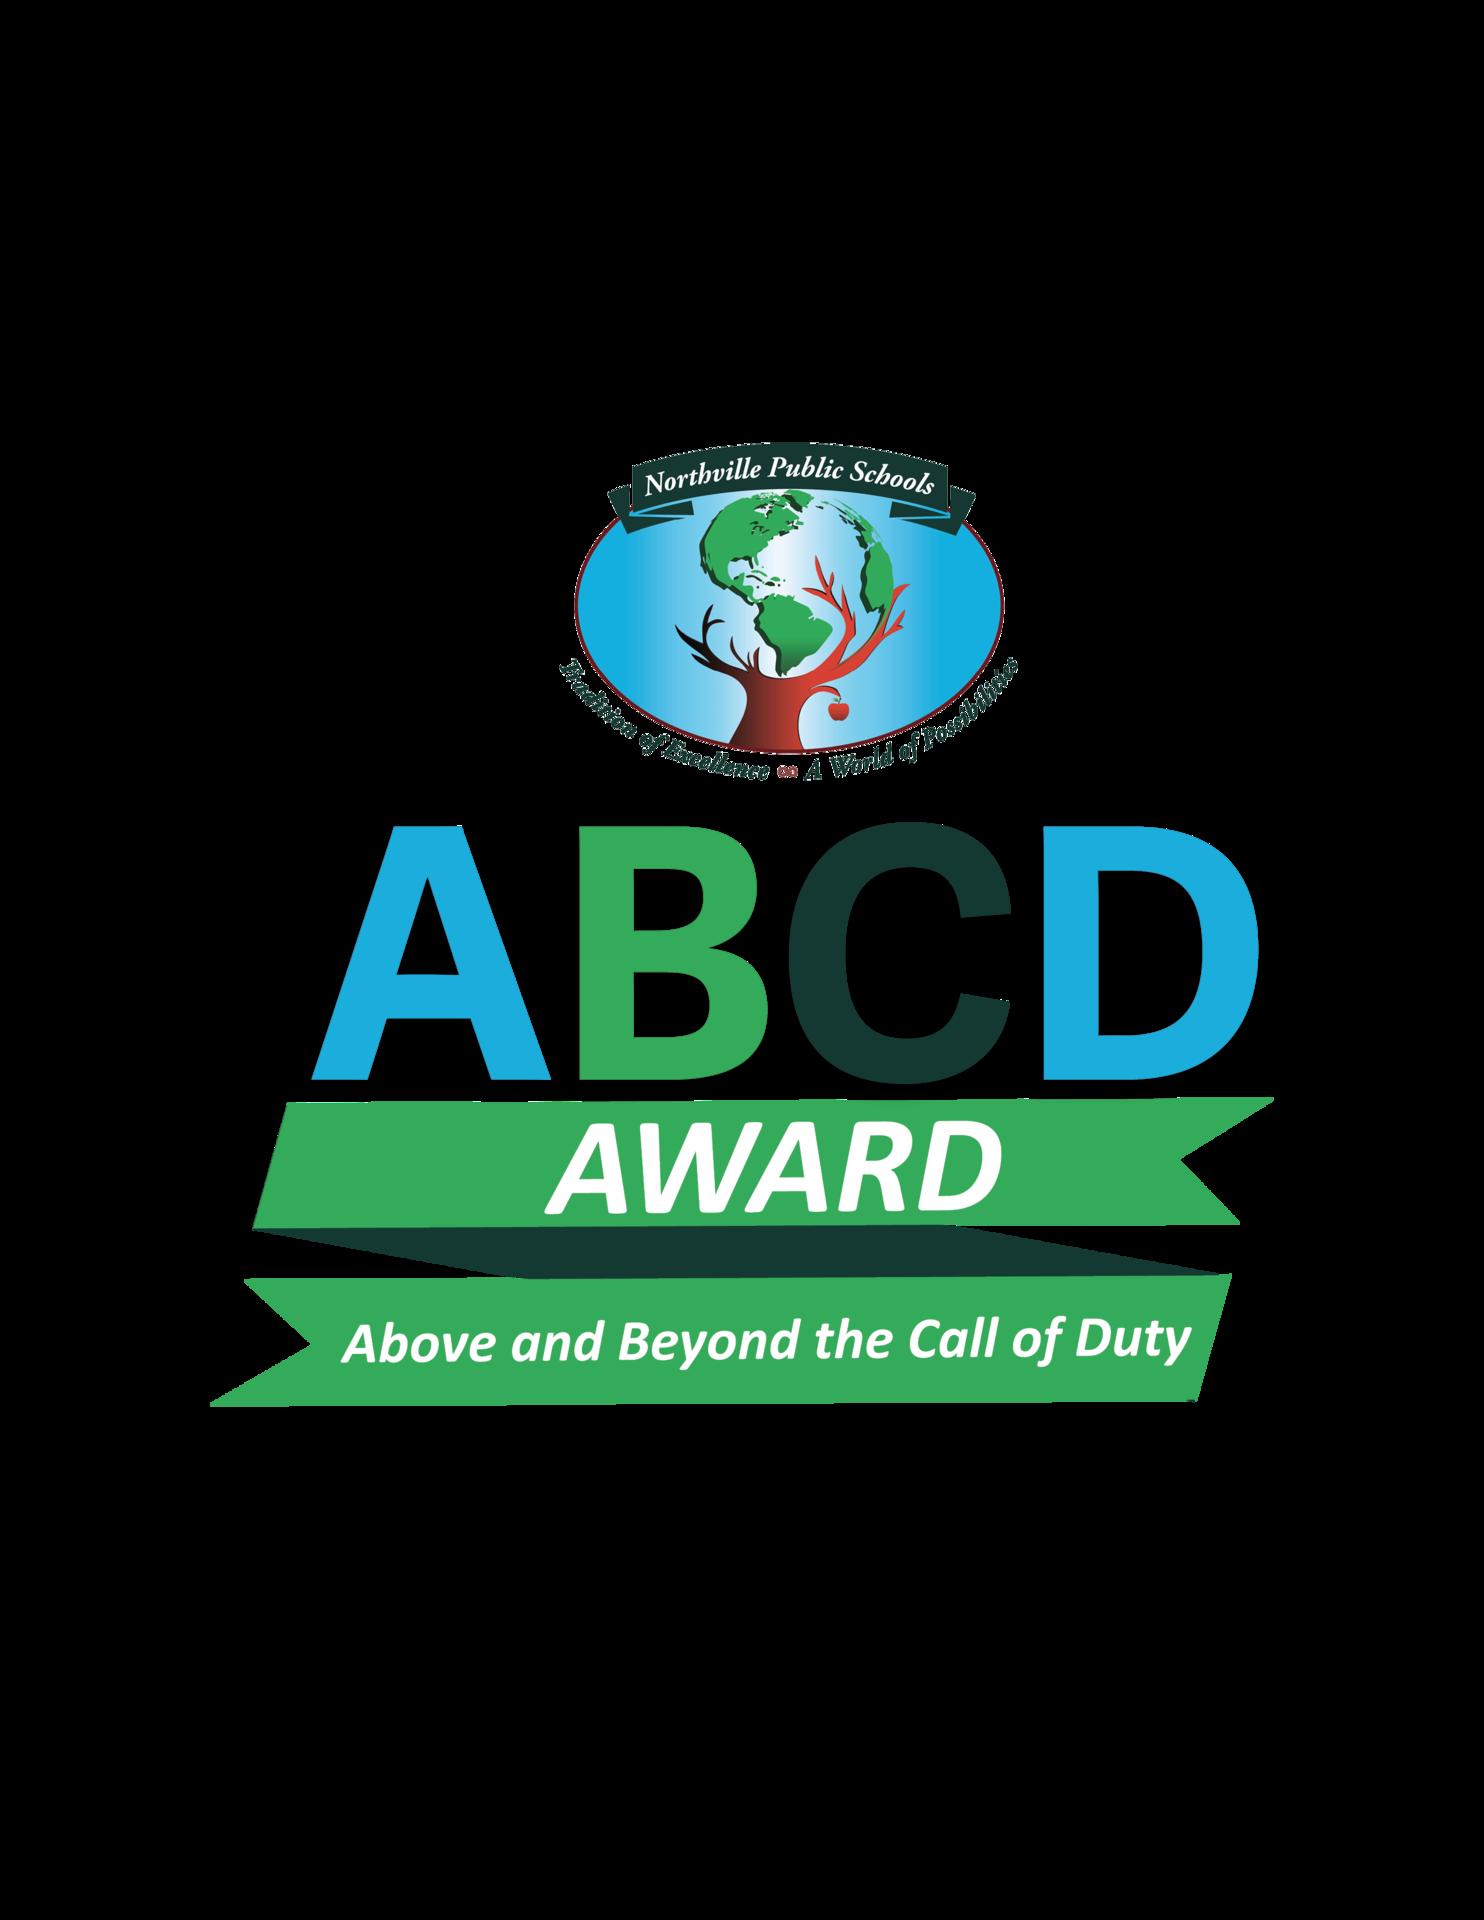 ABCD Award Logo